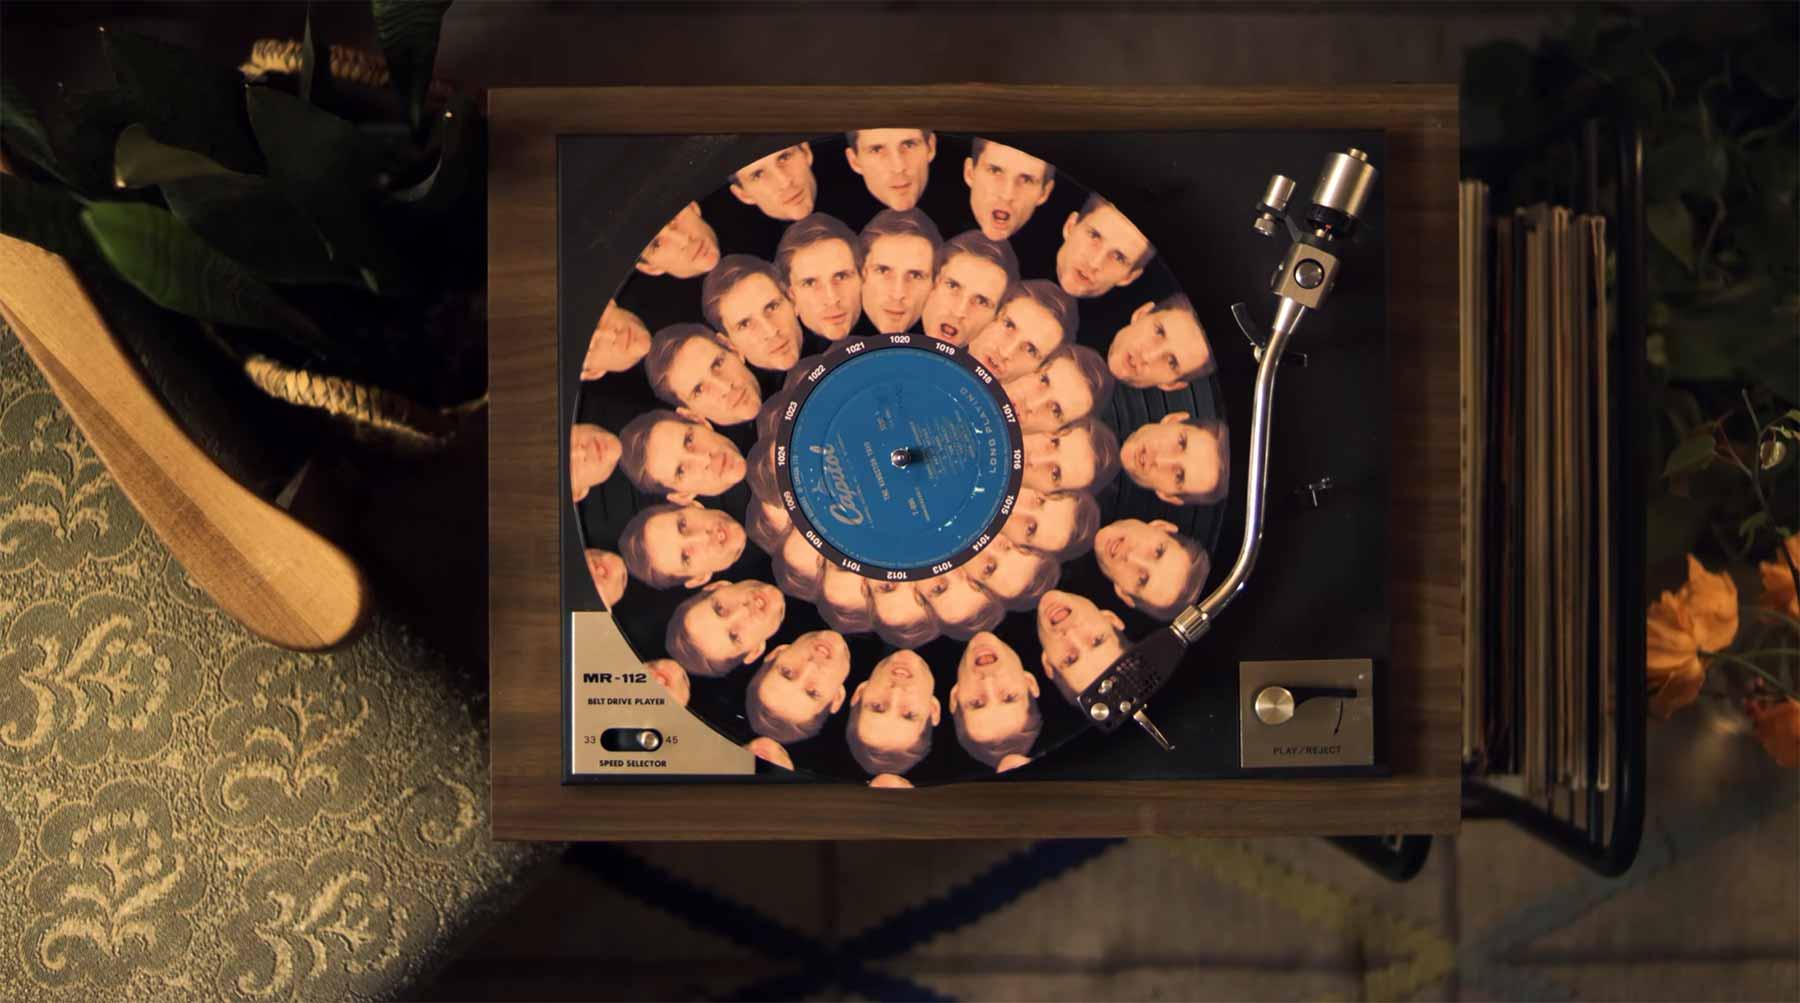 Zoetrope-Musikvideo aus 129 drehenden Schallplatten